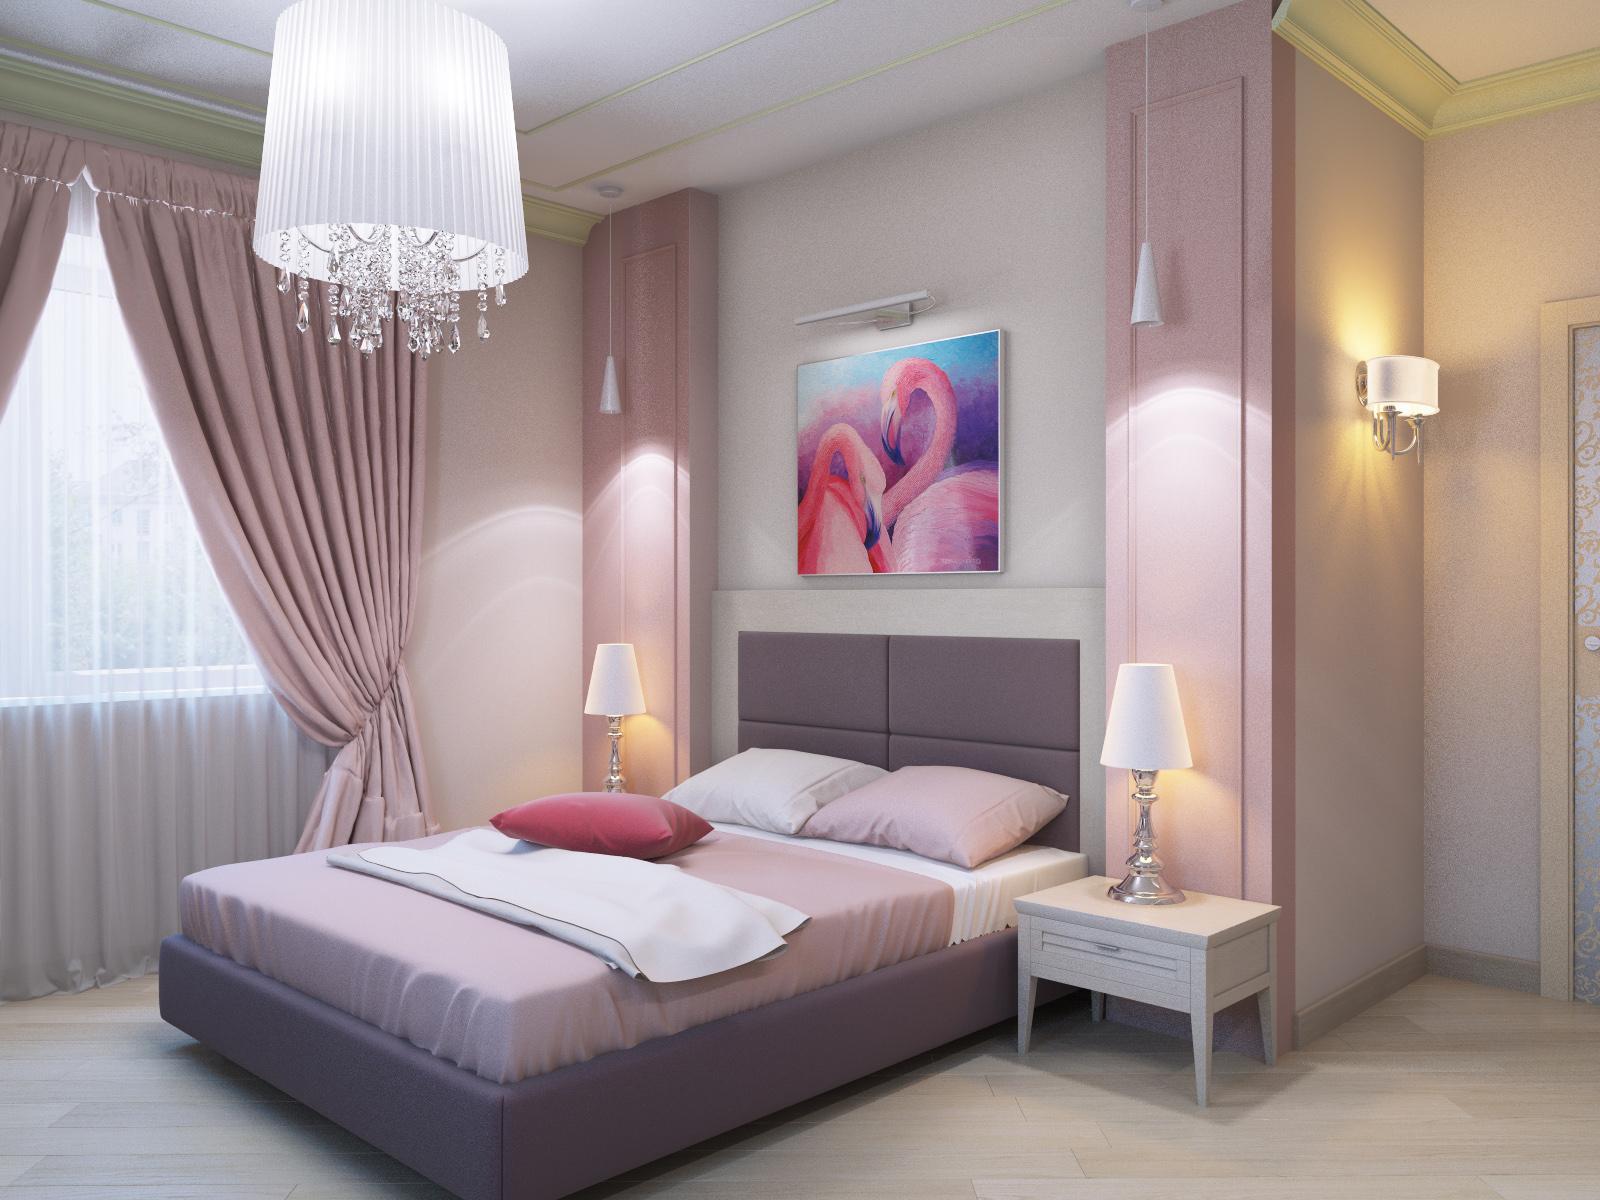 Розовые обои для стен в интерьере: рекомендации, с чем сочетать